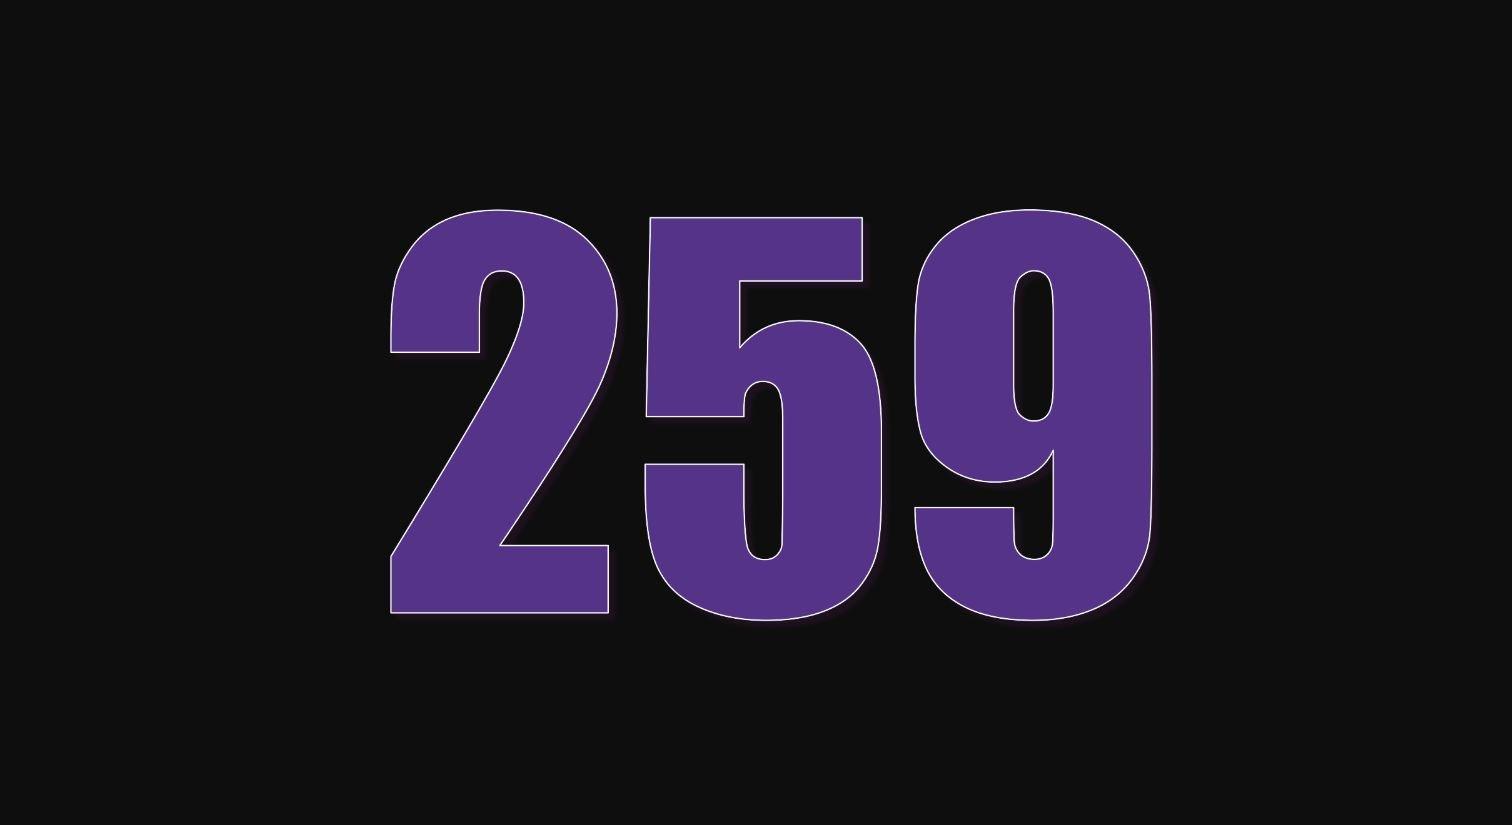 Il significato del numero 259